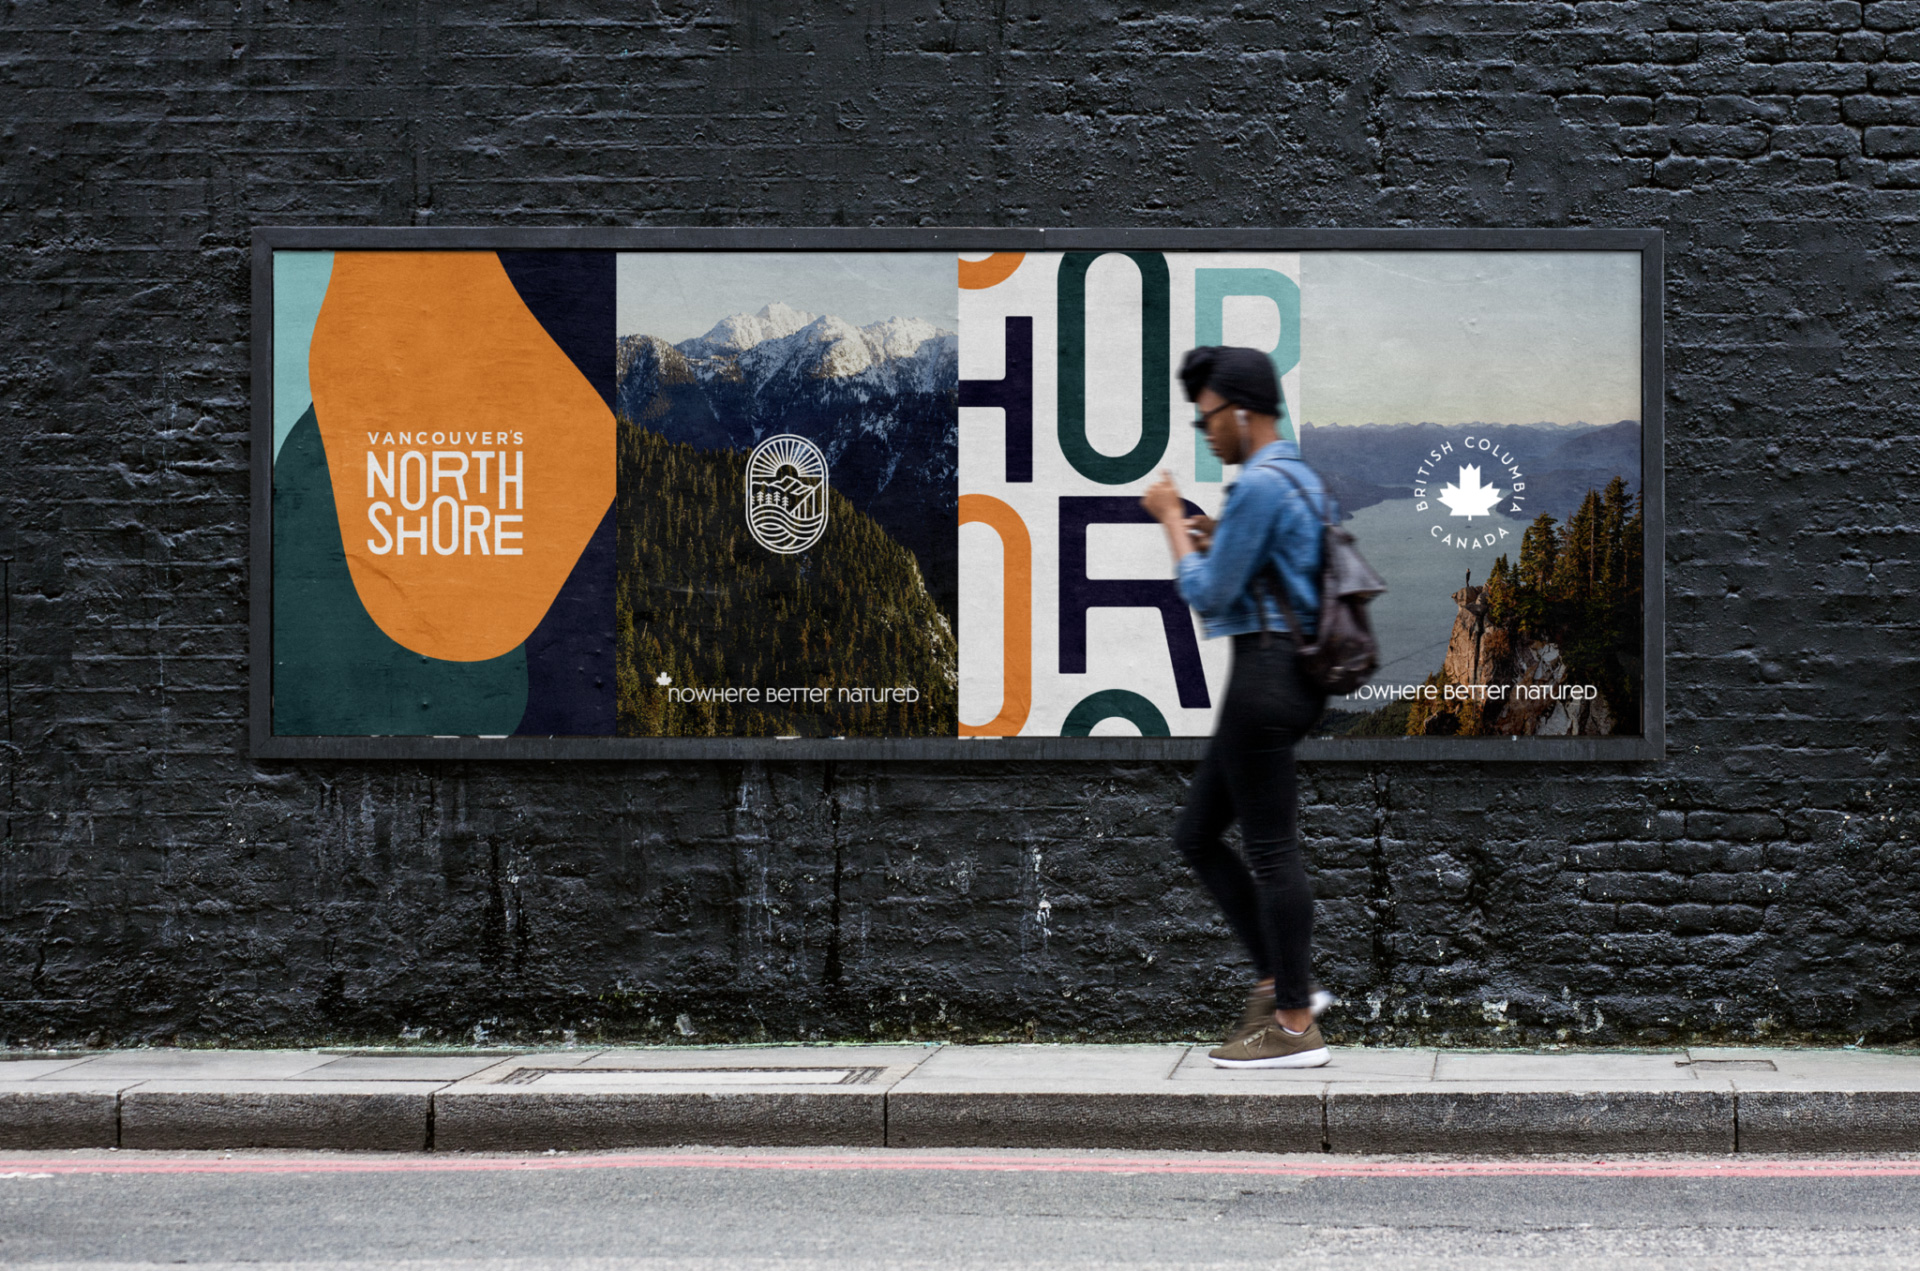 Logo và bản sắc mới cho Bờ Bắc của Vancouver bởi LOKI